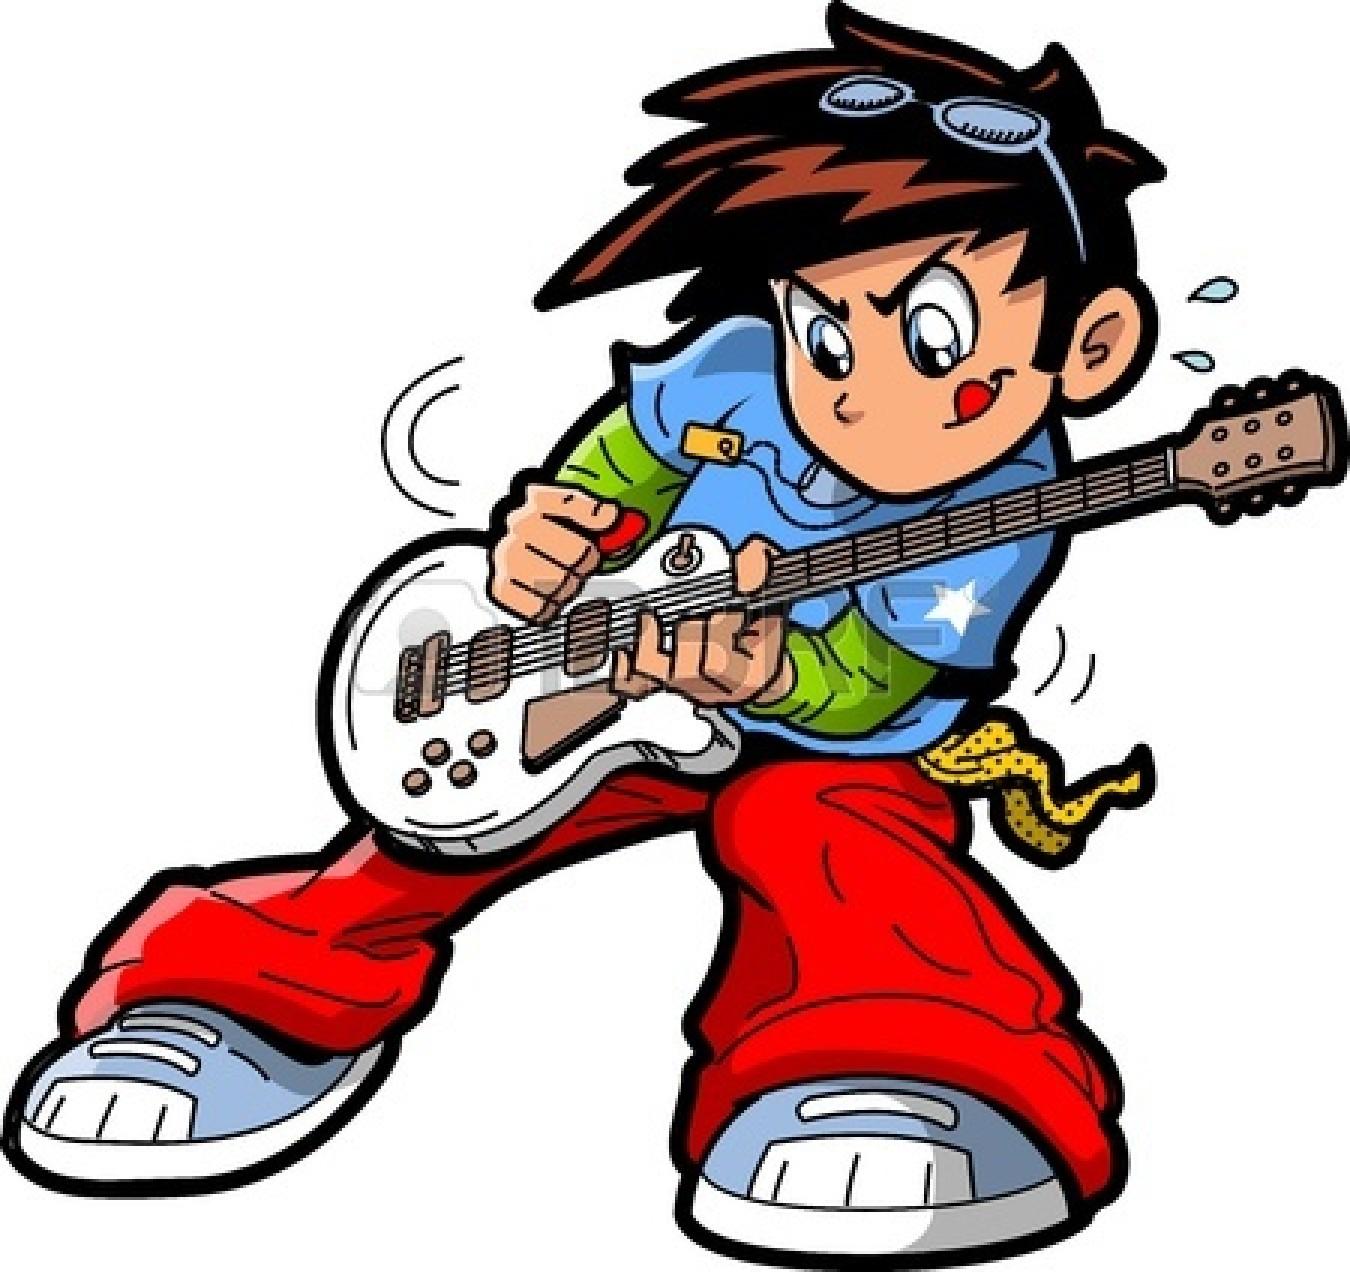 1350x1272 Rock Guitar Player Clipart